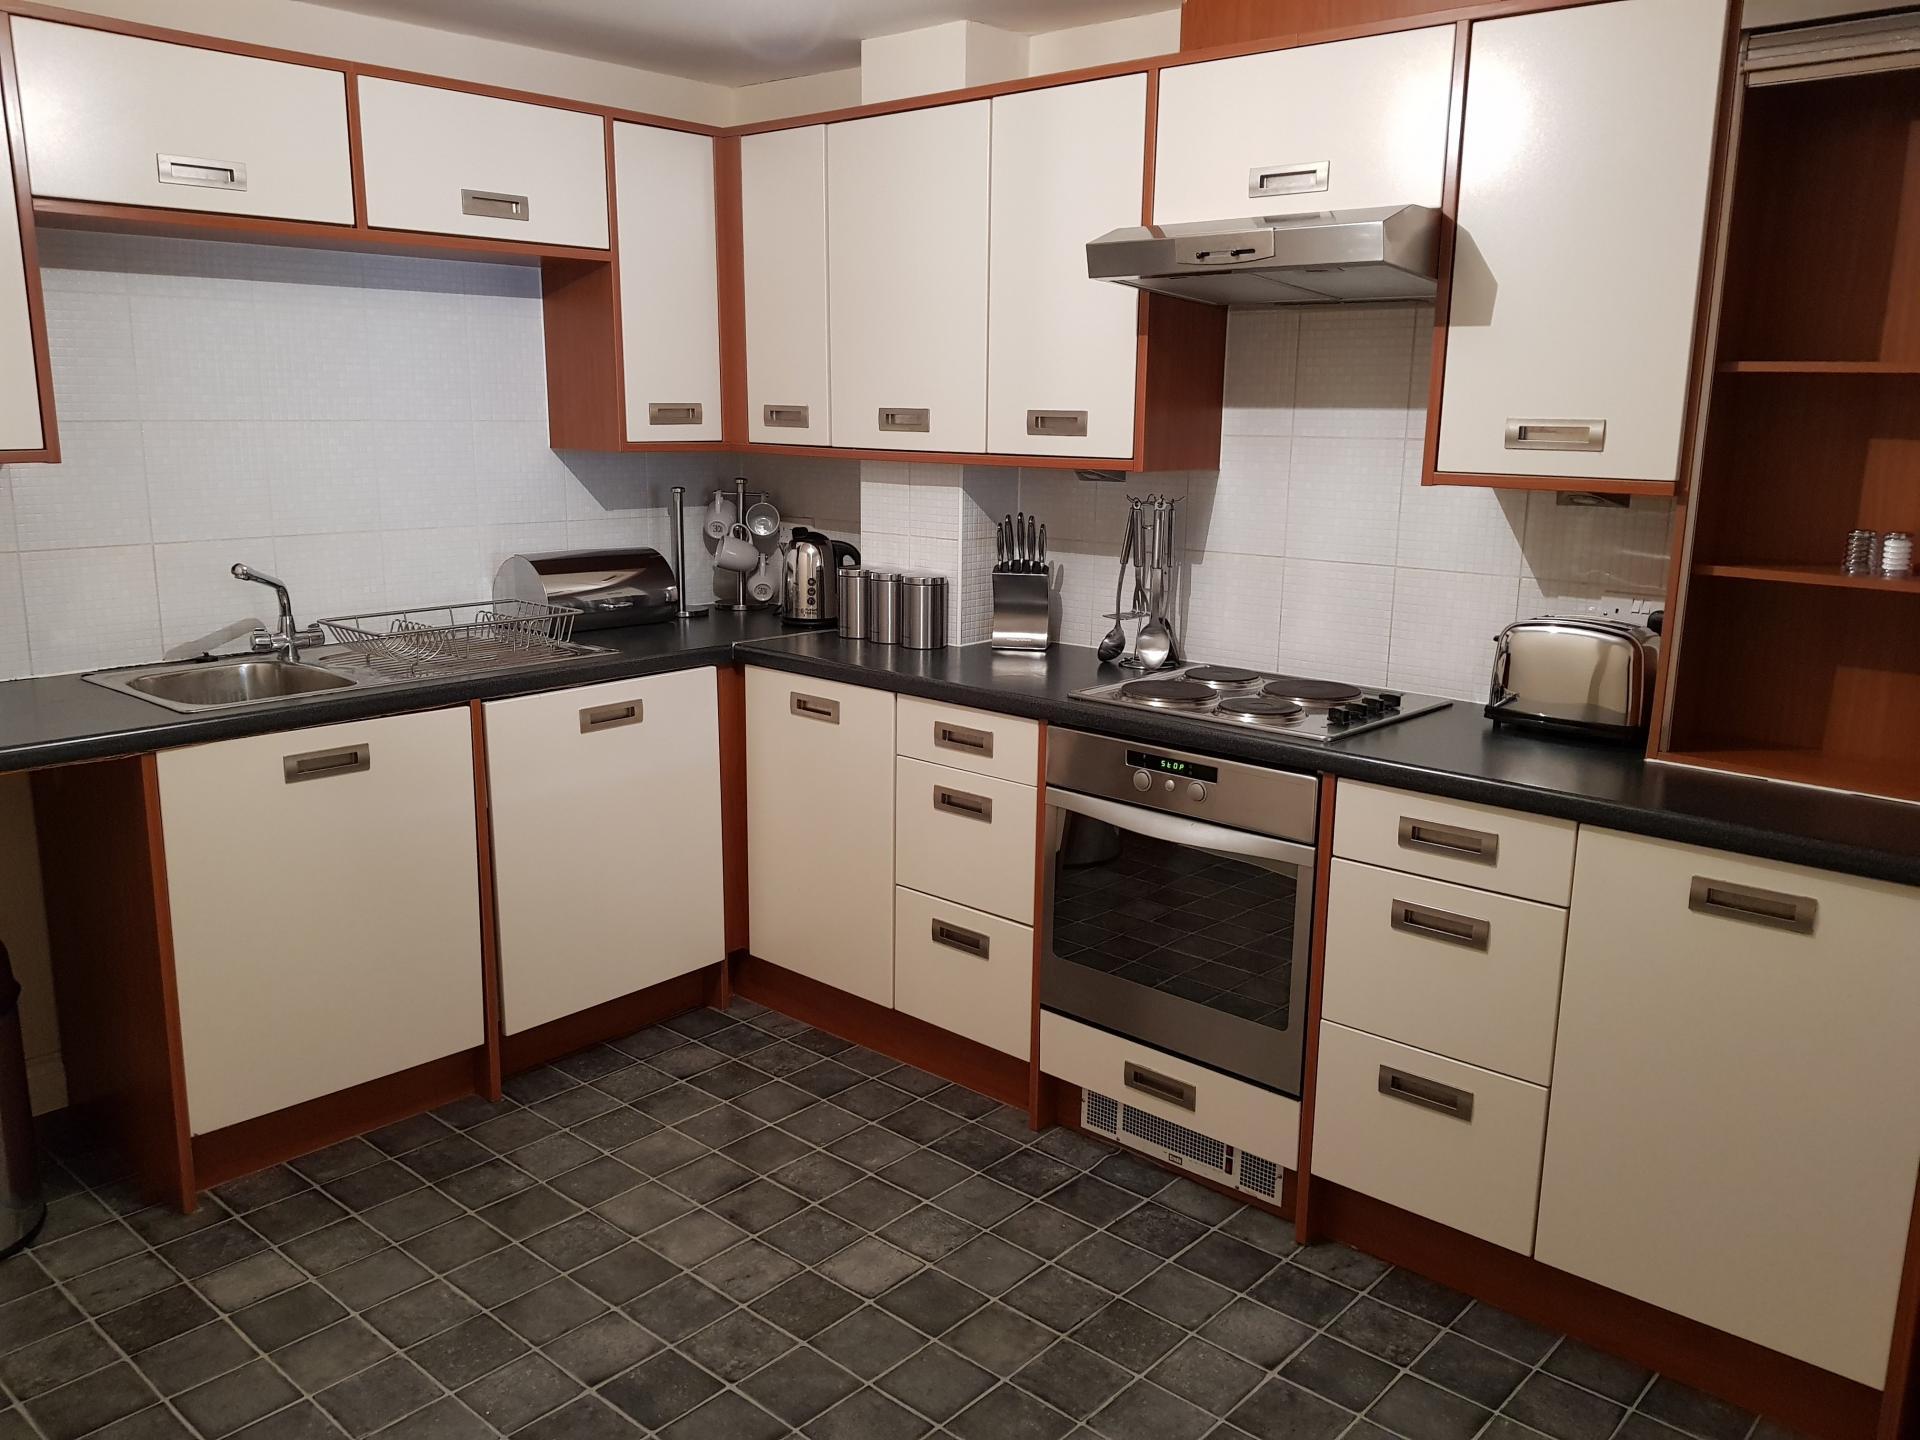 Kitchen at Le Tissier Court Apartment, The Polygon, Southampton